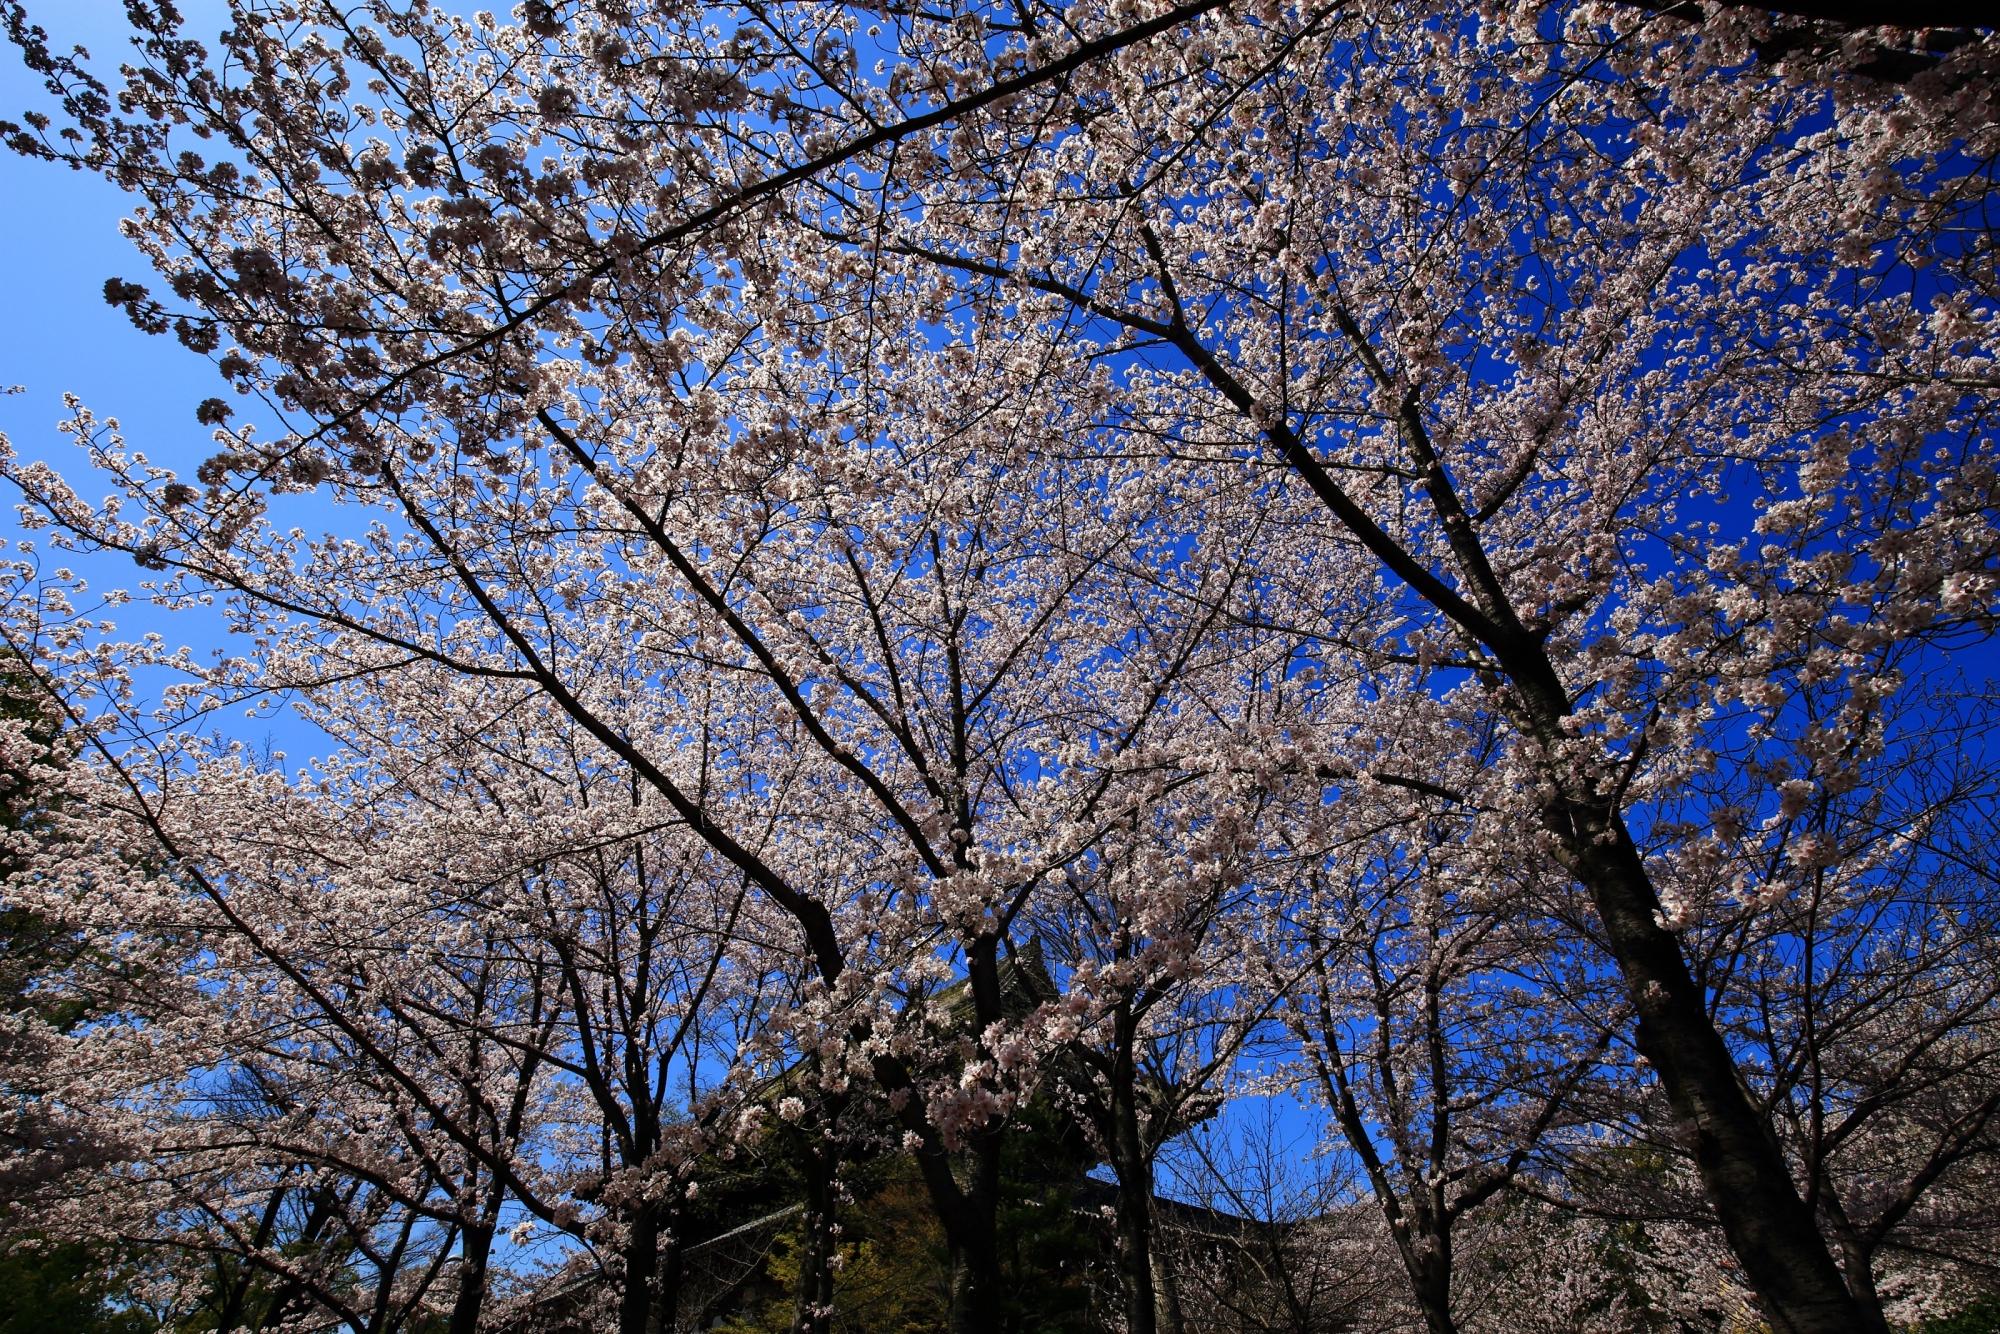 東寺の金堂と青空に映える華やかな桜